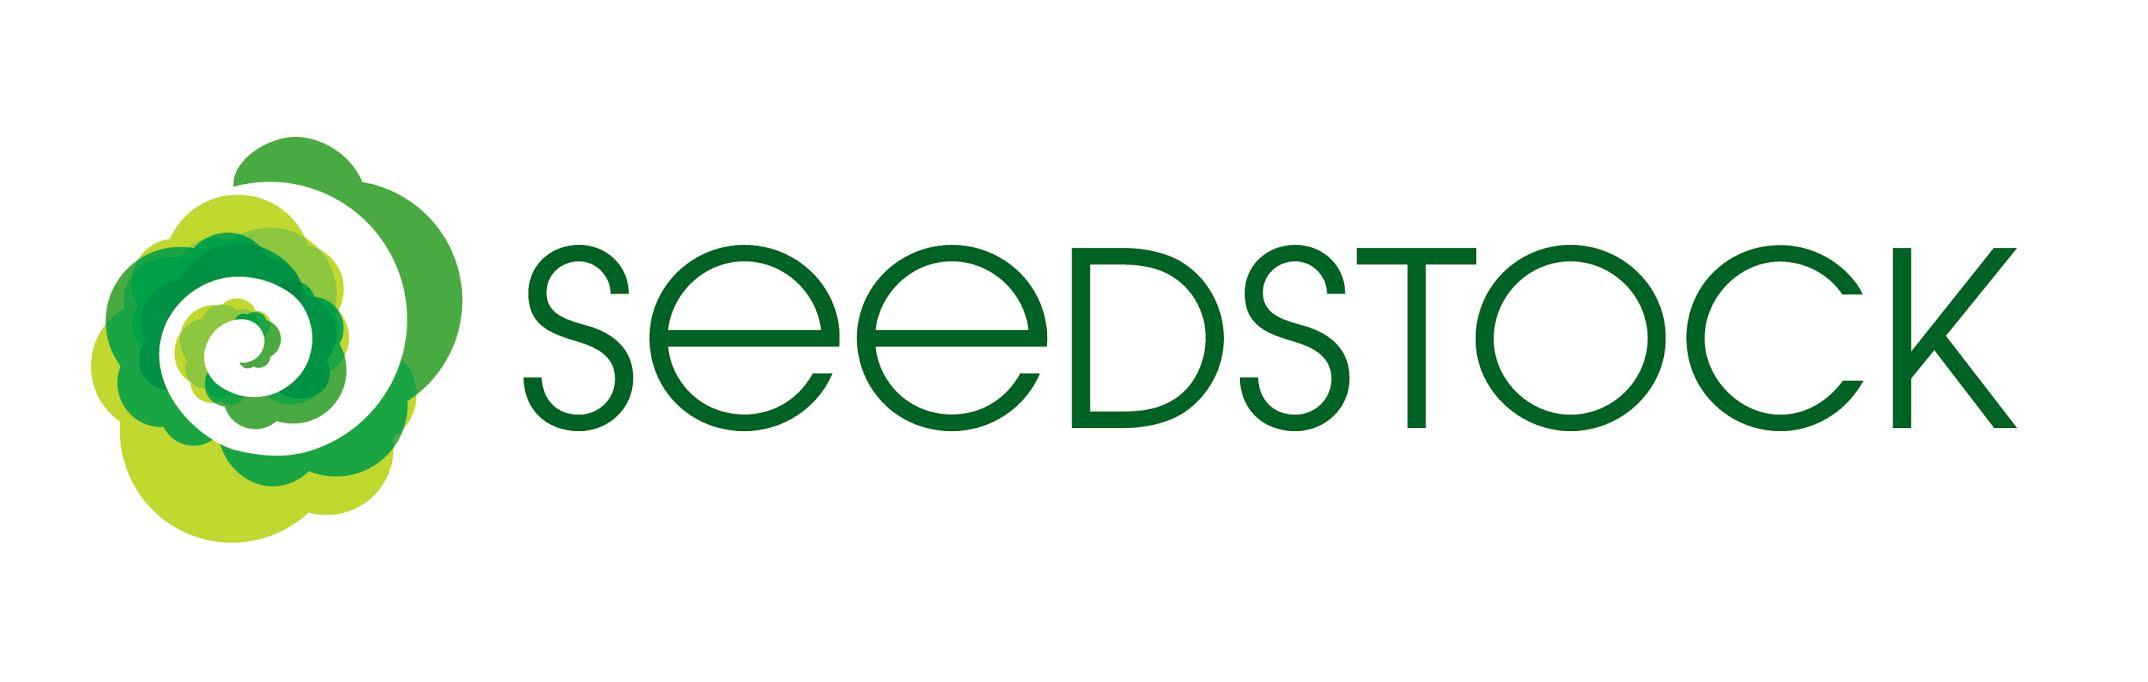 Seedstock.jpg